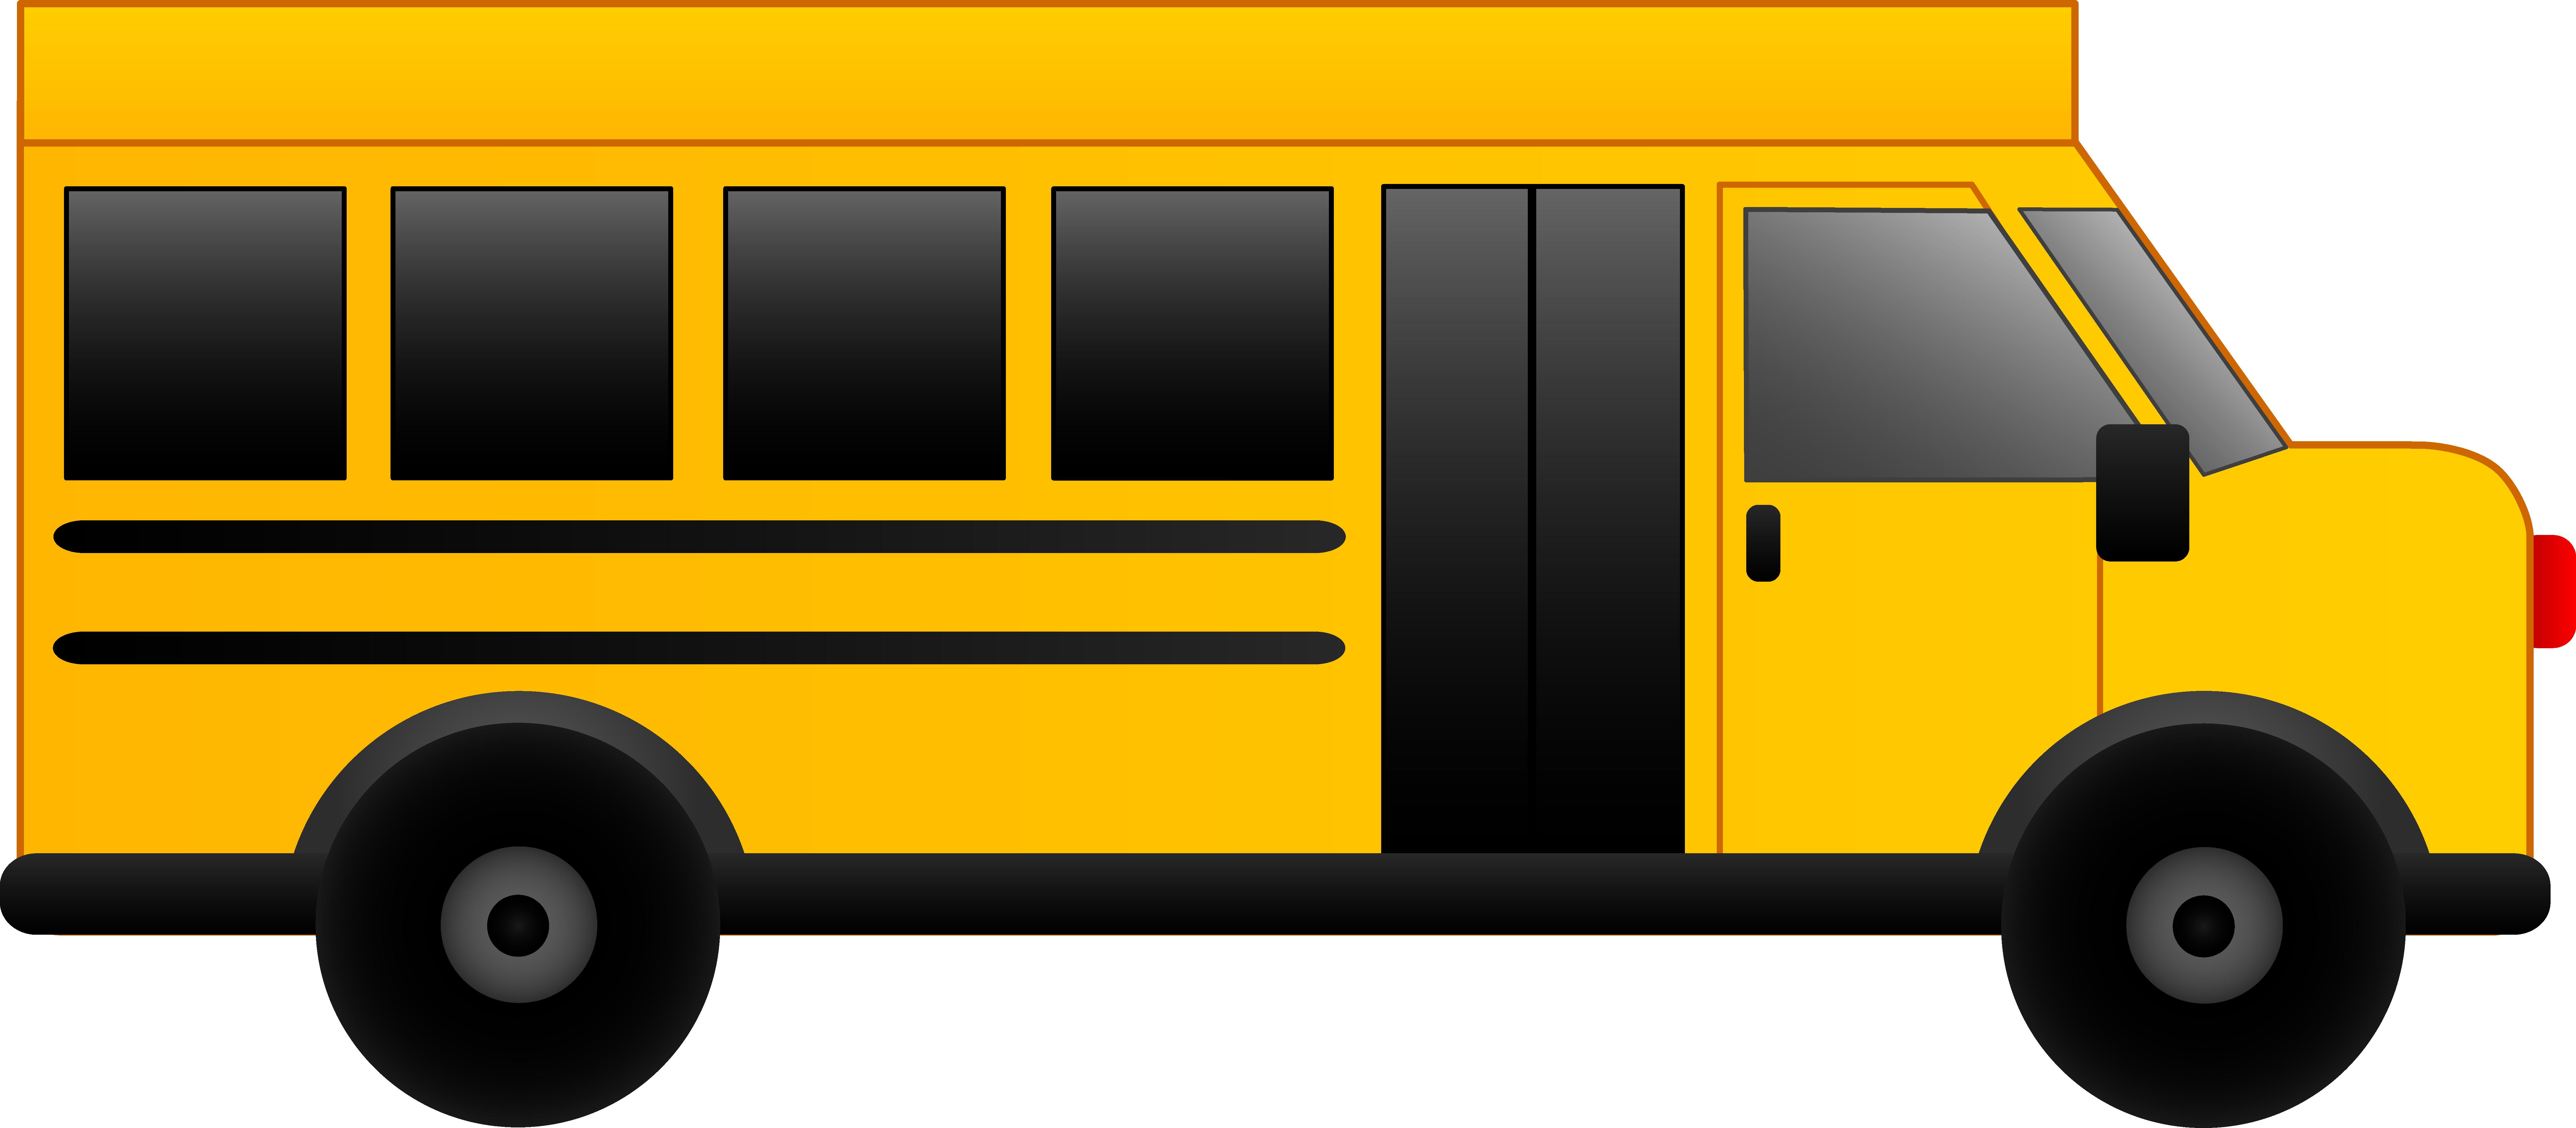 8820x3863 School Bus Clip Art Free Clipart Images